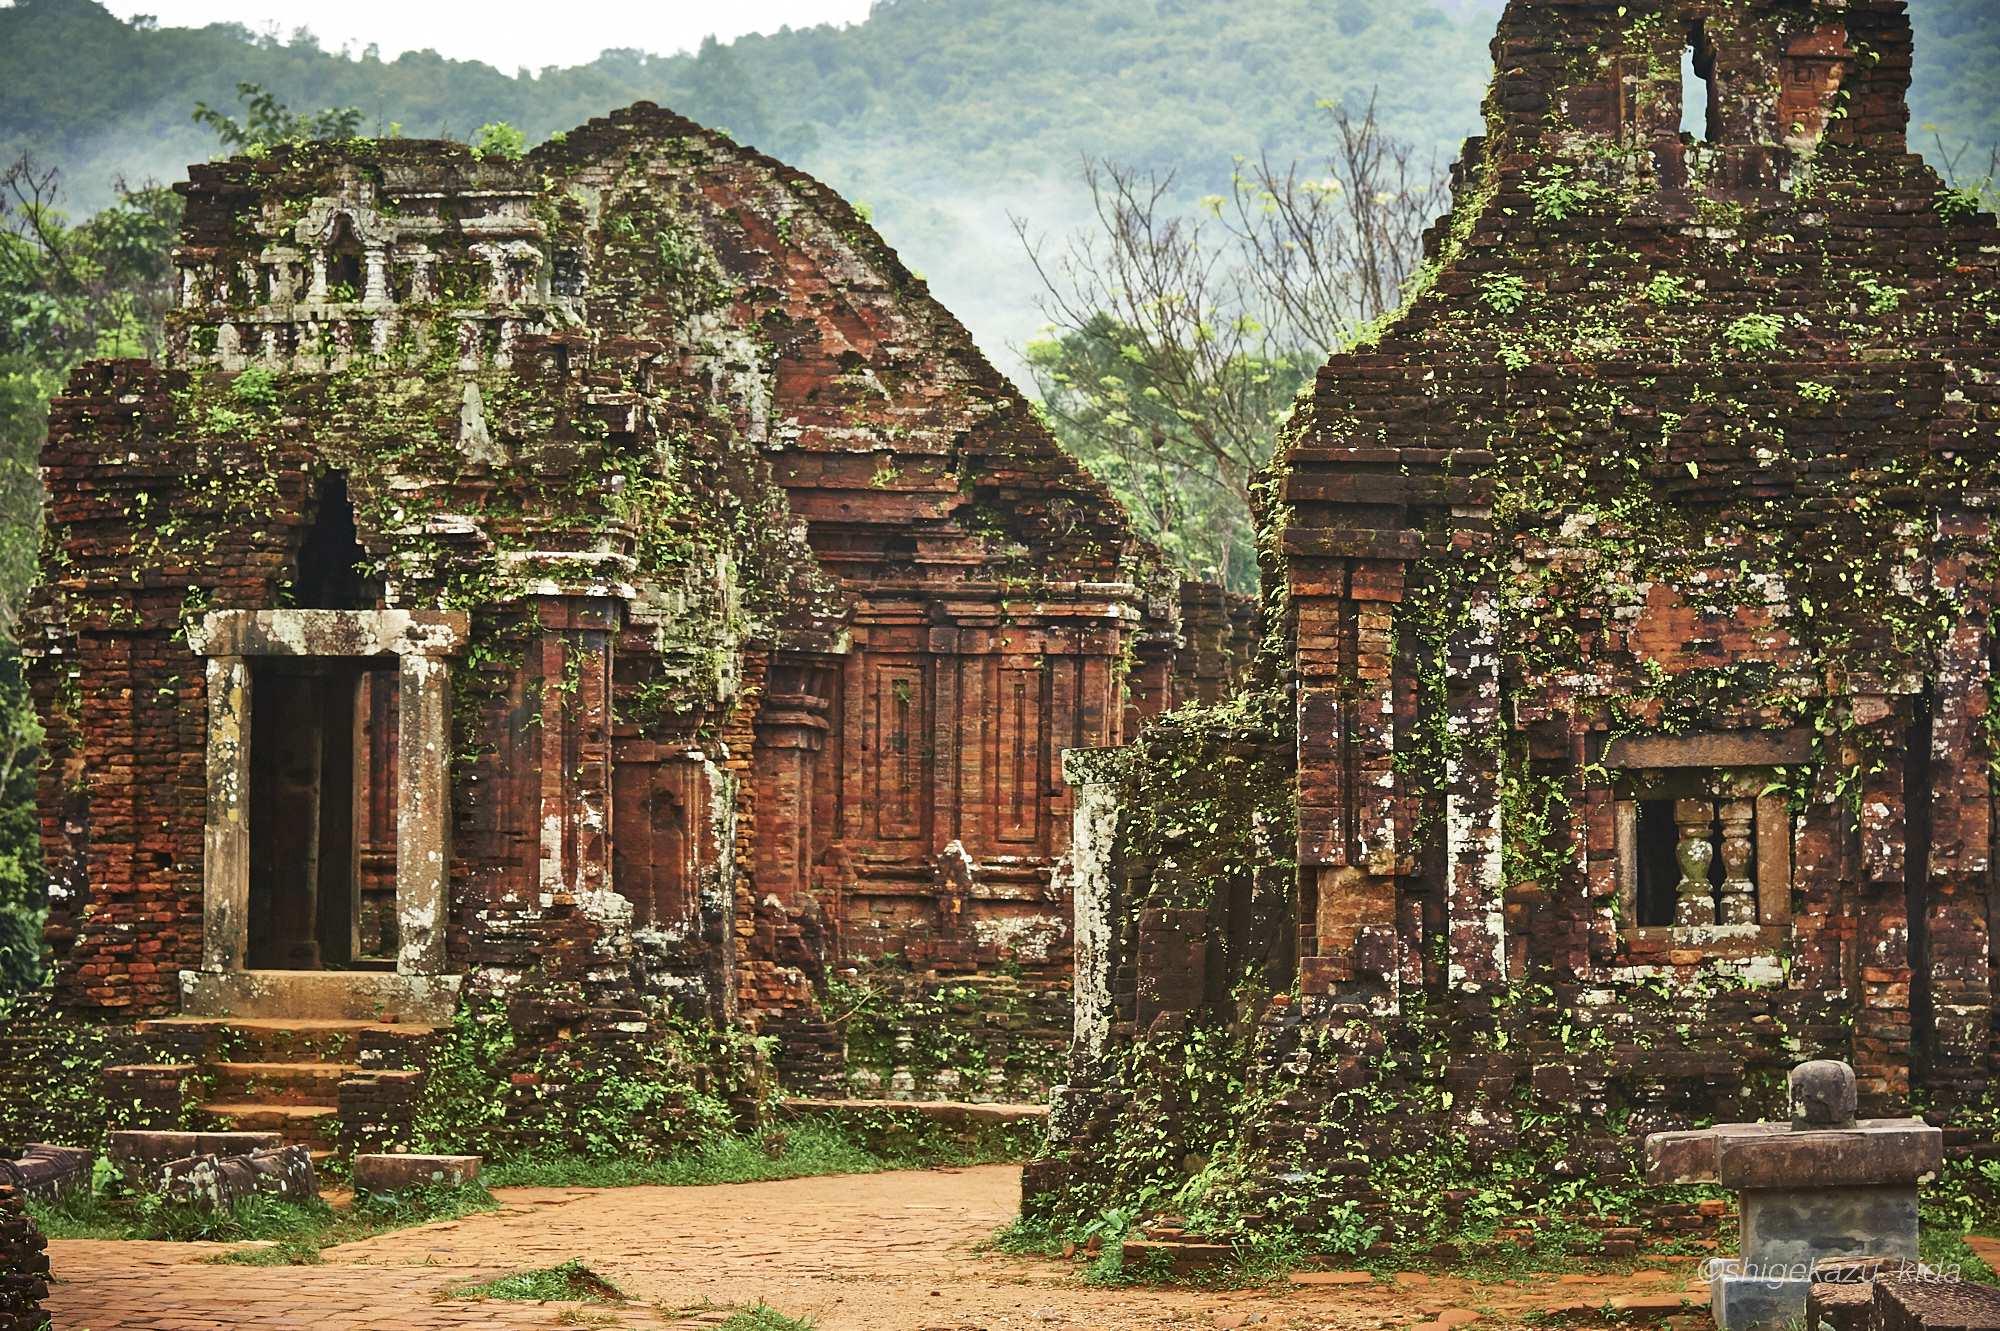 ベトナムMySonSanctuary(ミーソン遺跡)の祠堂